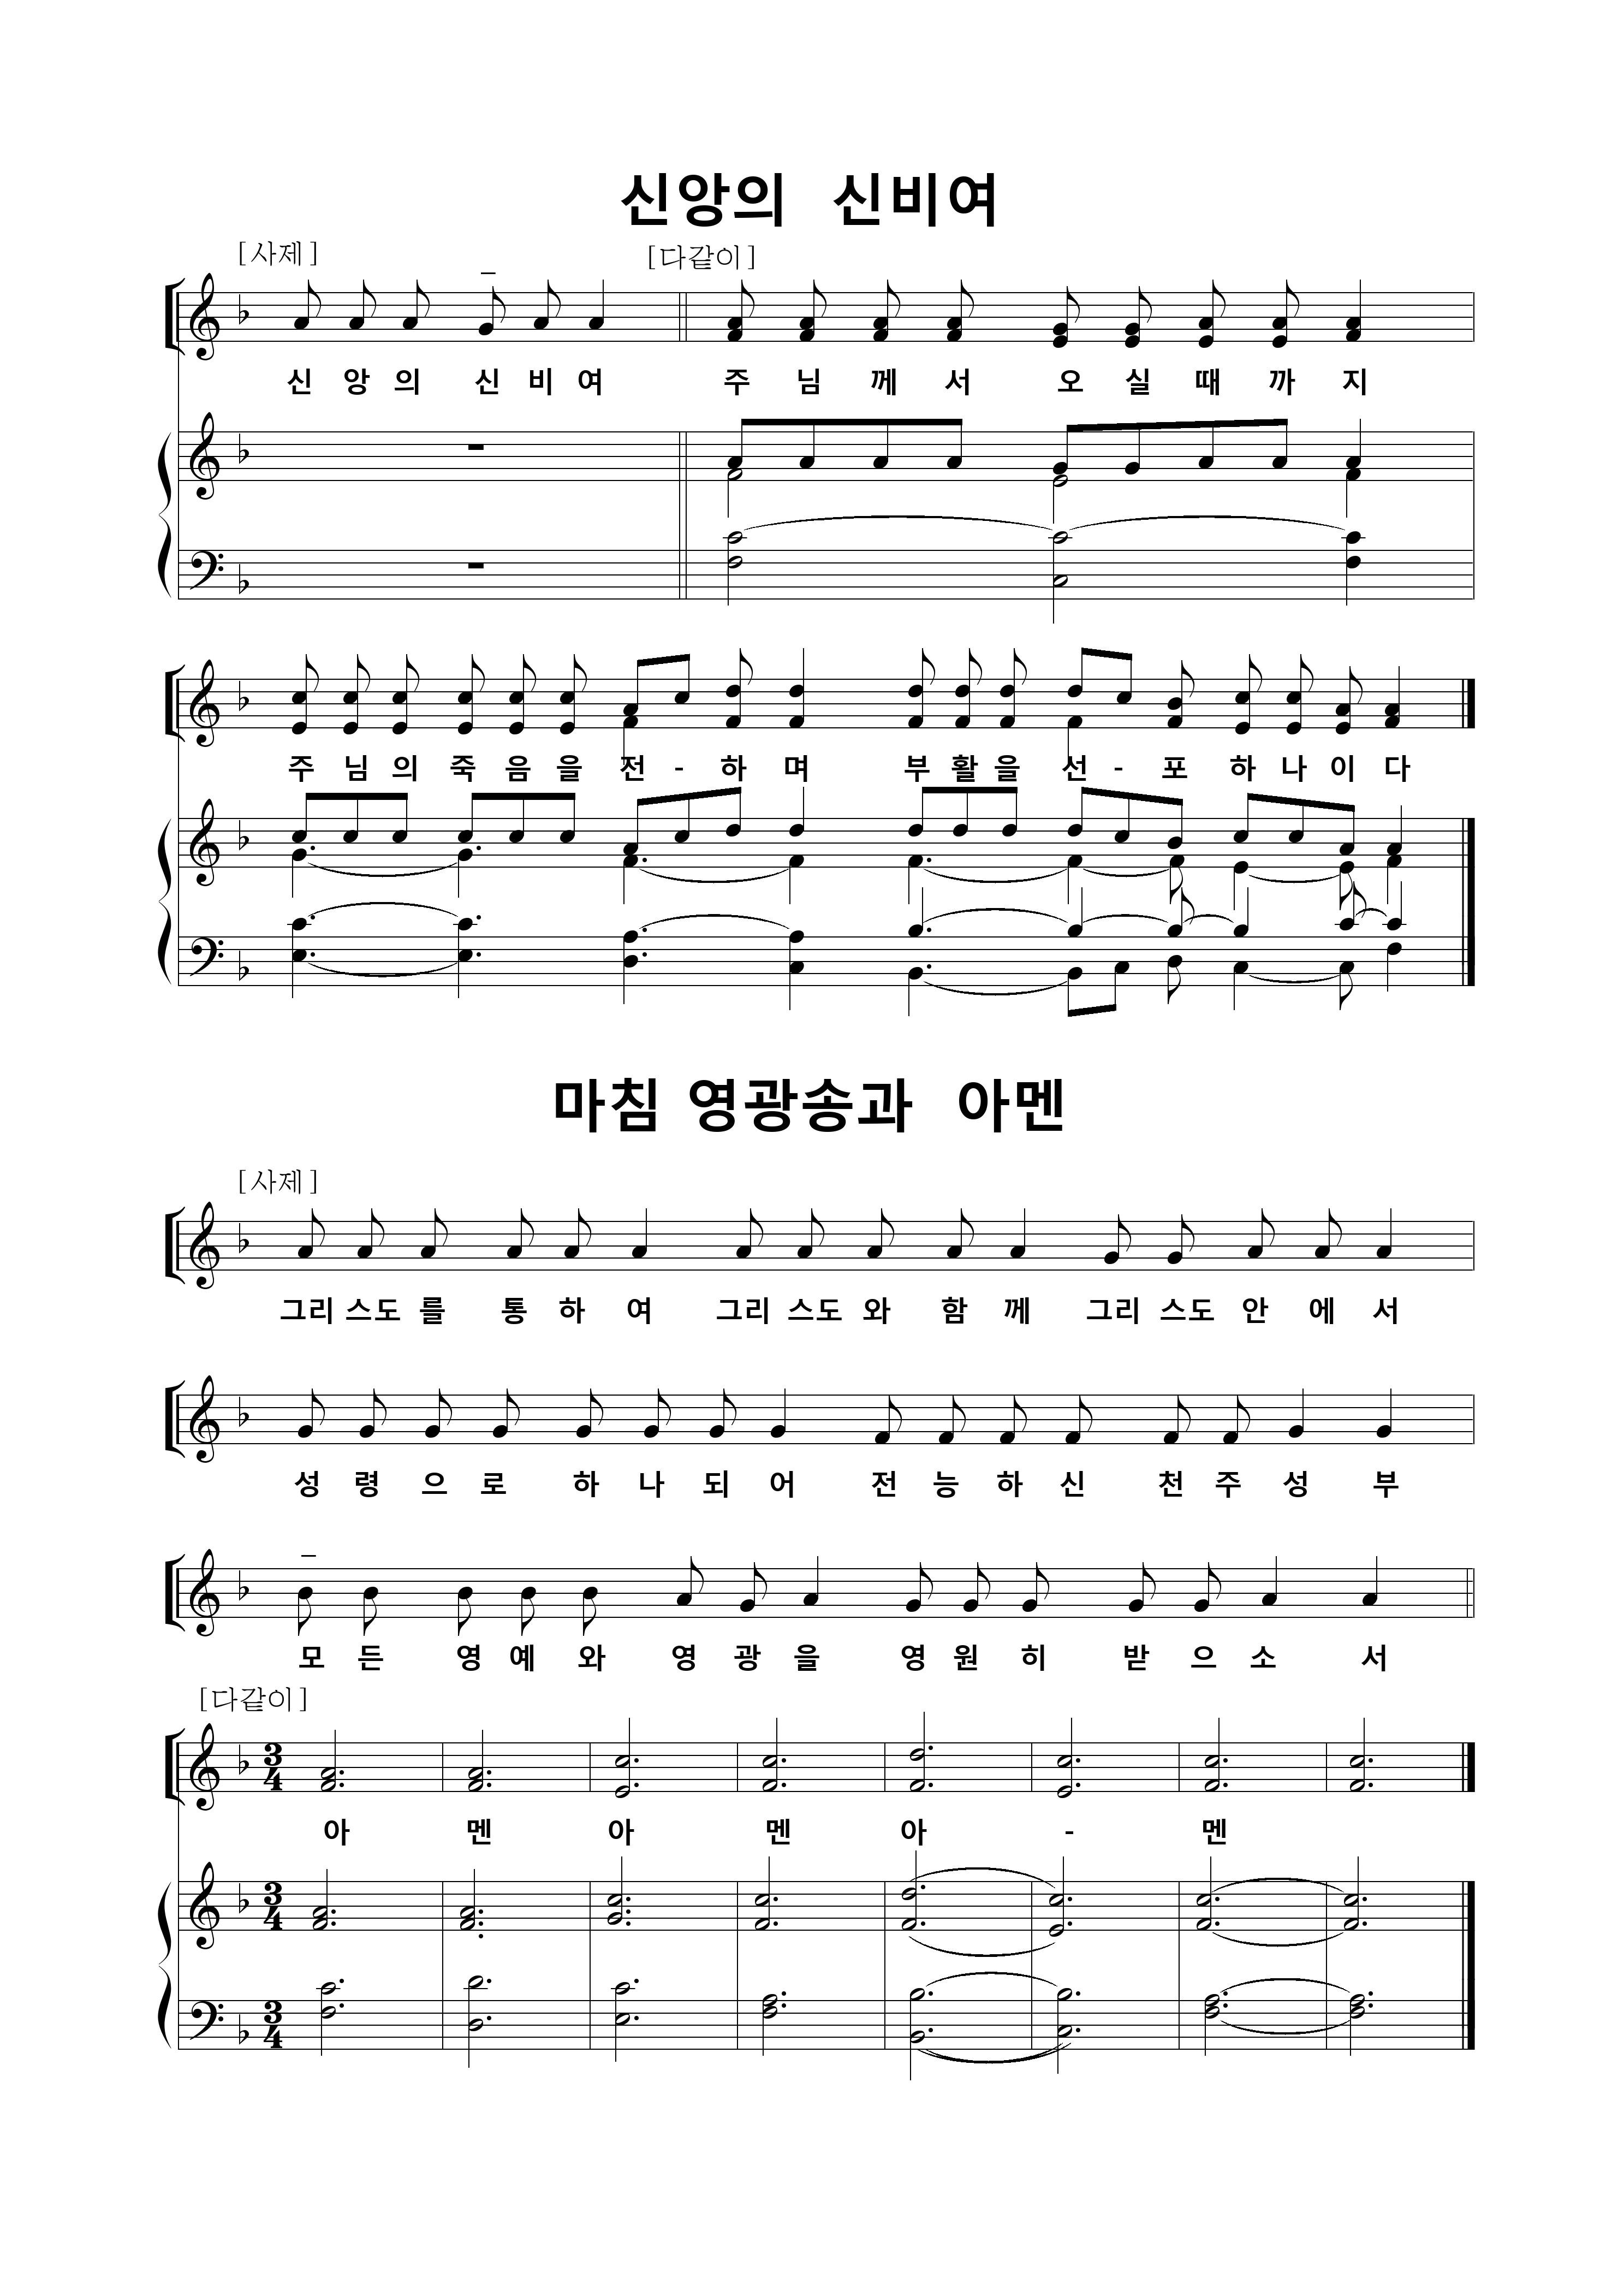 3_신앙의 신비여_마침영광송_아멘.jpg